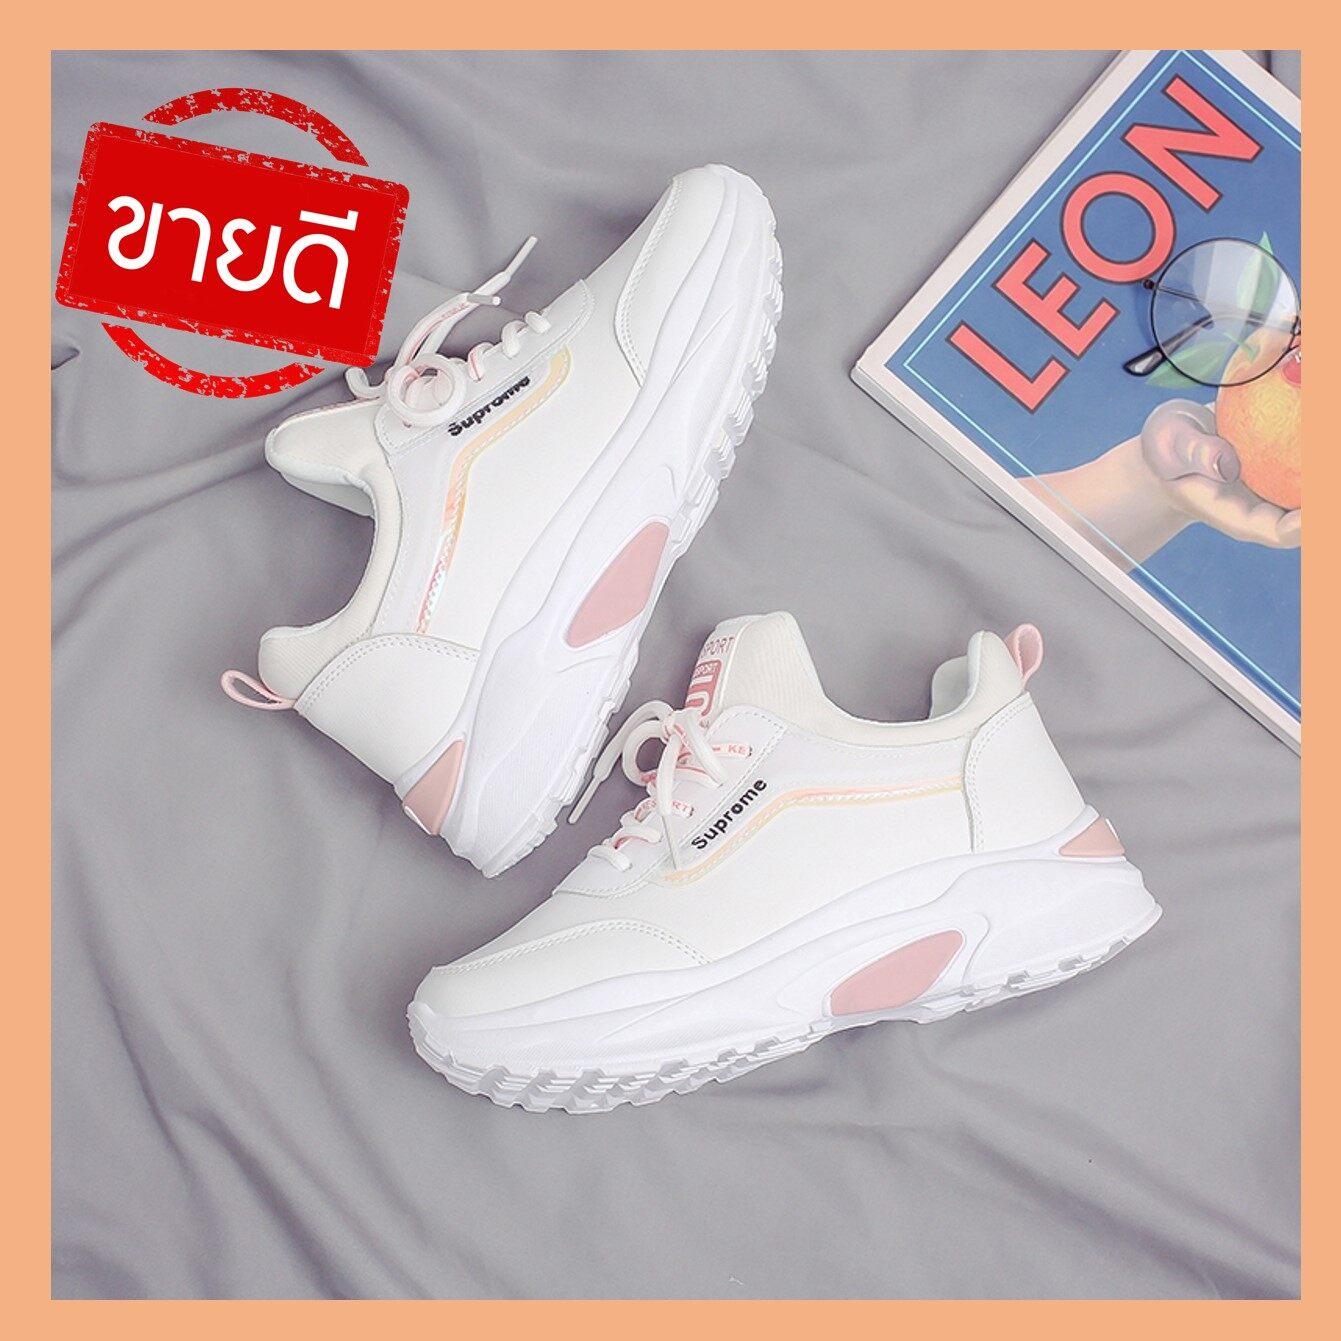 Tarashop (มาใหม่) รองเท้าผ้าใบ รองเท้าแฟชั่น รองเท้าผ้าใบผู้หญิง เสริมส้น 4.5 ซม. (ไซส์เล็กควรสั่งเผื่อไซส์).